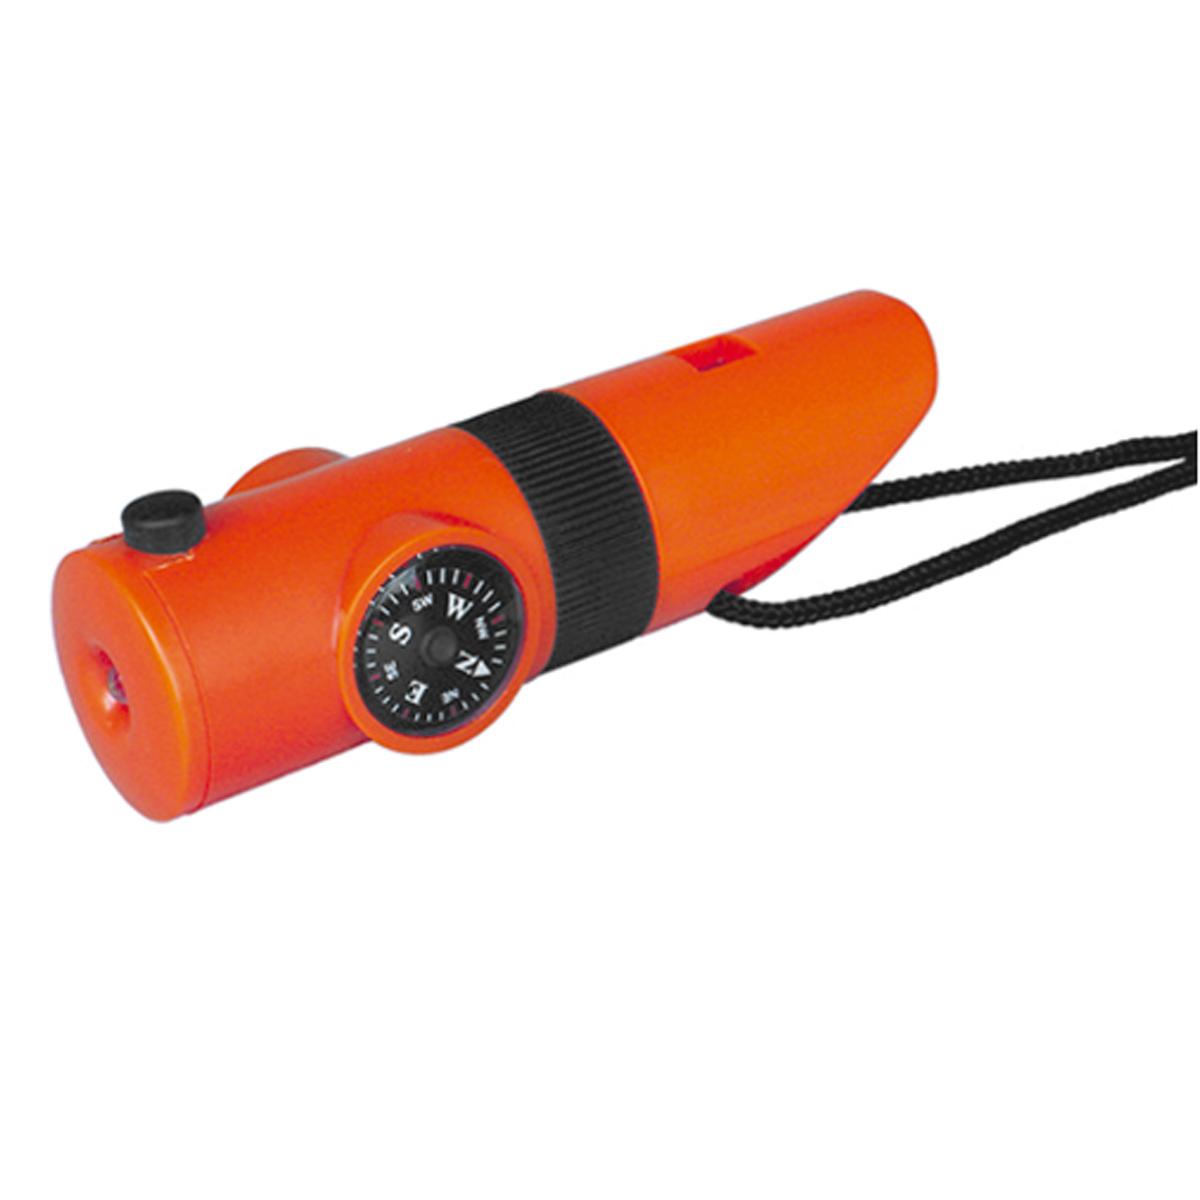 H7B - B�ssola Anal�gica com Apito, Lanterna e Term�metro H 7B - CSR